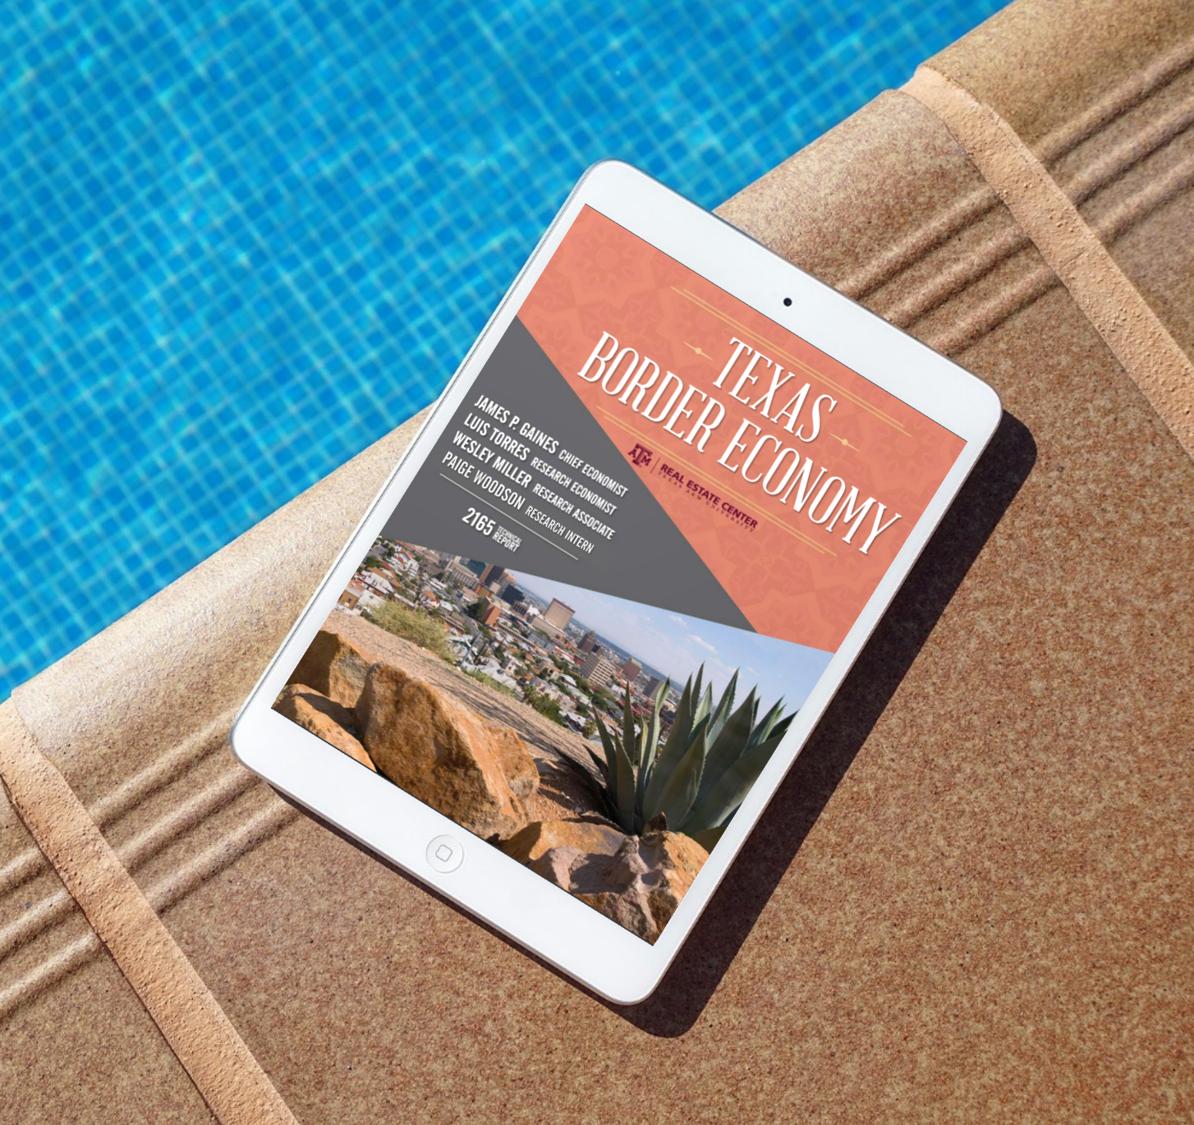 Texas Border Economy on an iPad near a pool